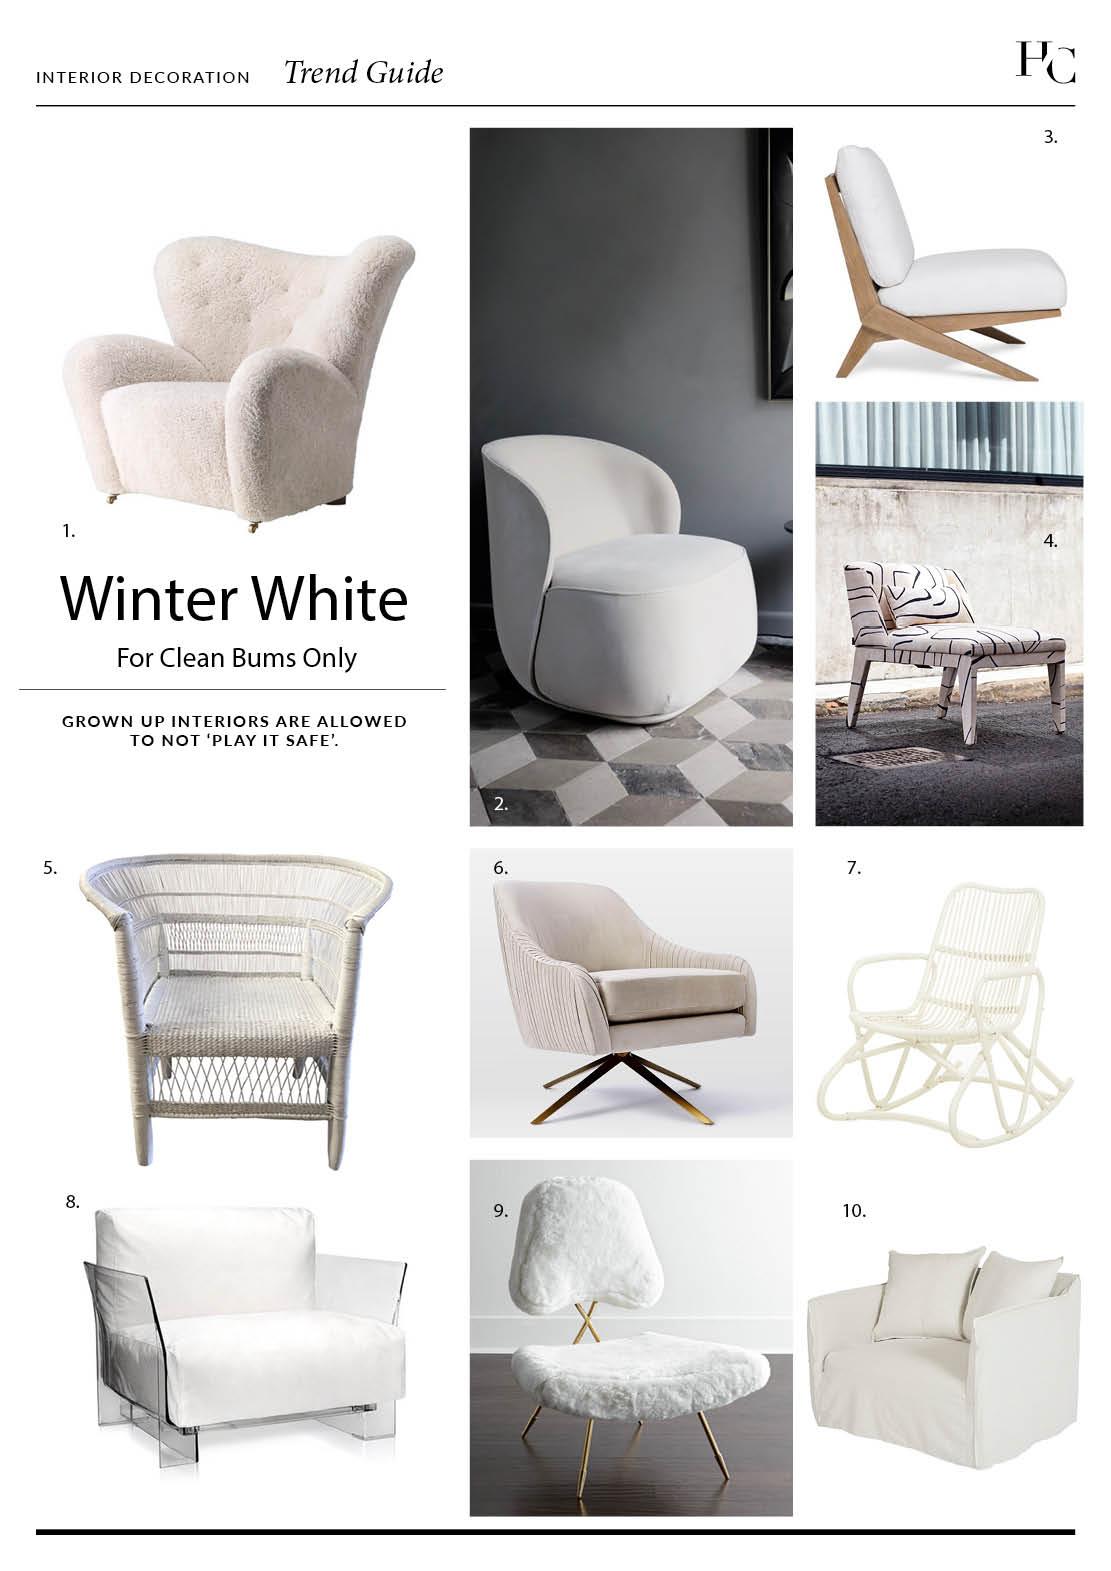 190221 TREND GUIDE WINTER WHITE.jpg